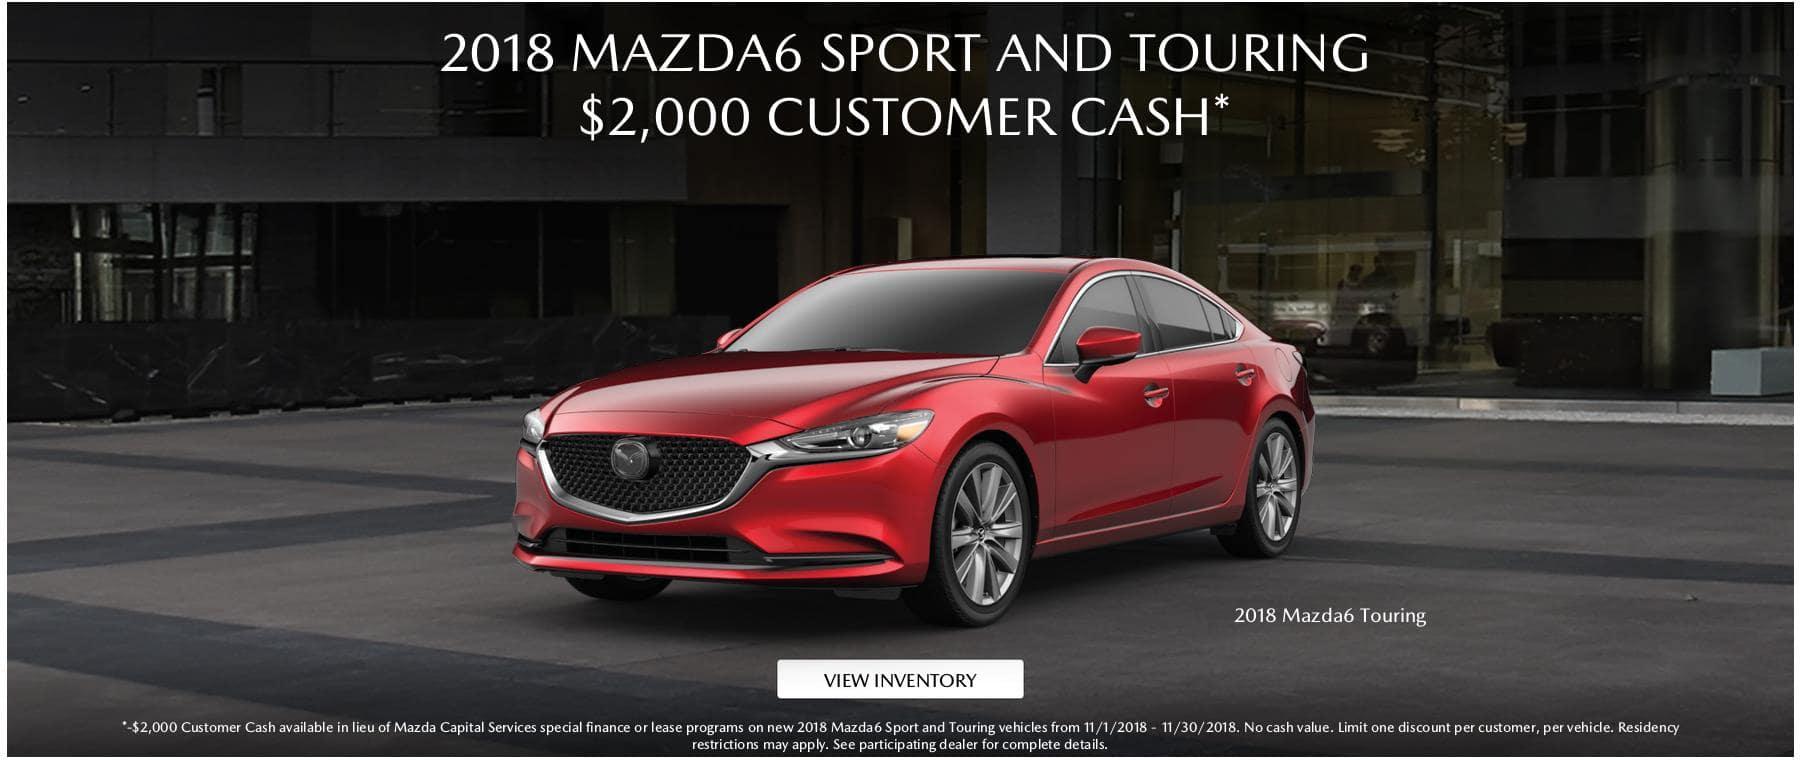 2018 Mazda6 2000 CC